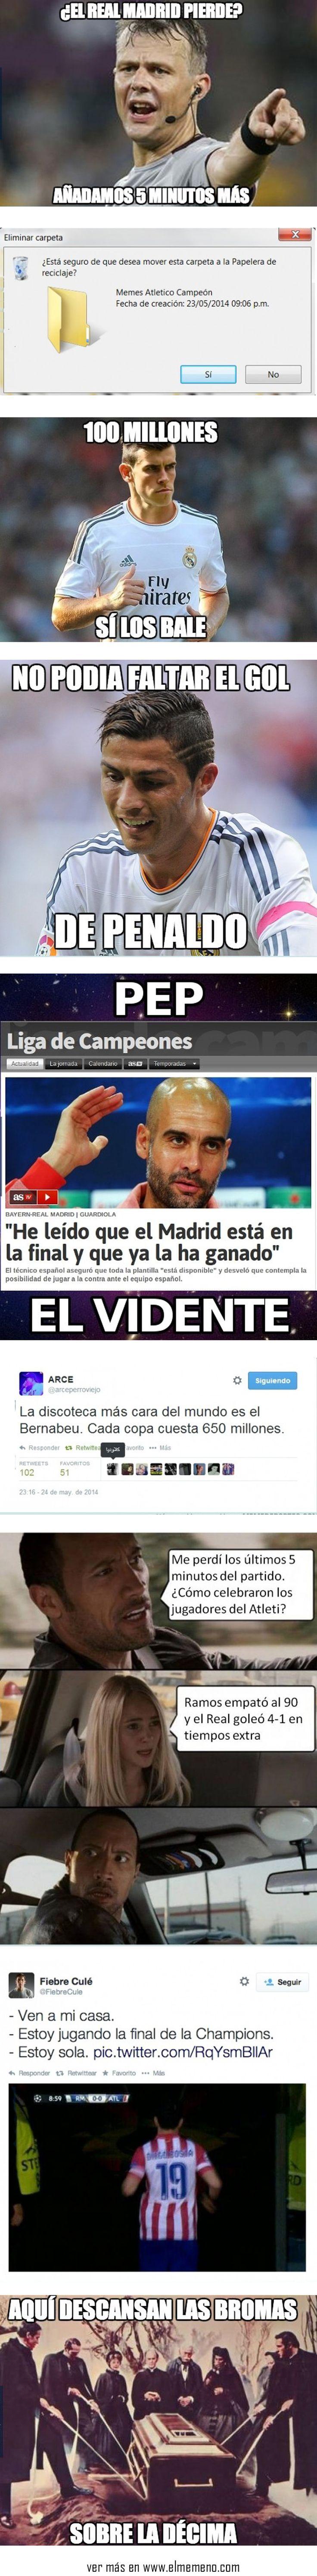 Los 9 Mejores Memes De La Final De La Champions, El De Diego Costa Es Genial @ www.elmemeno.com